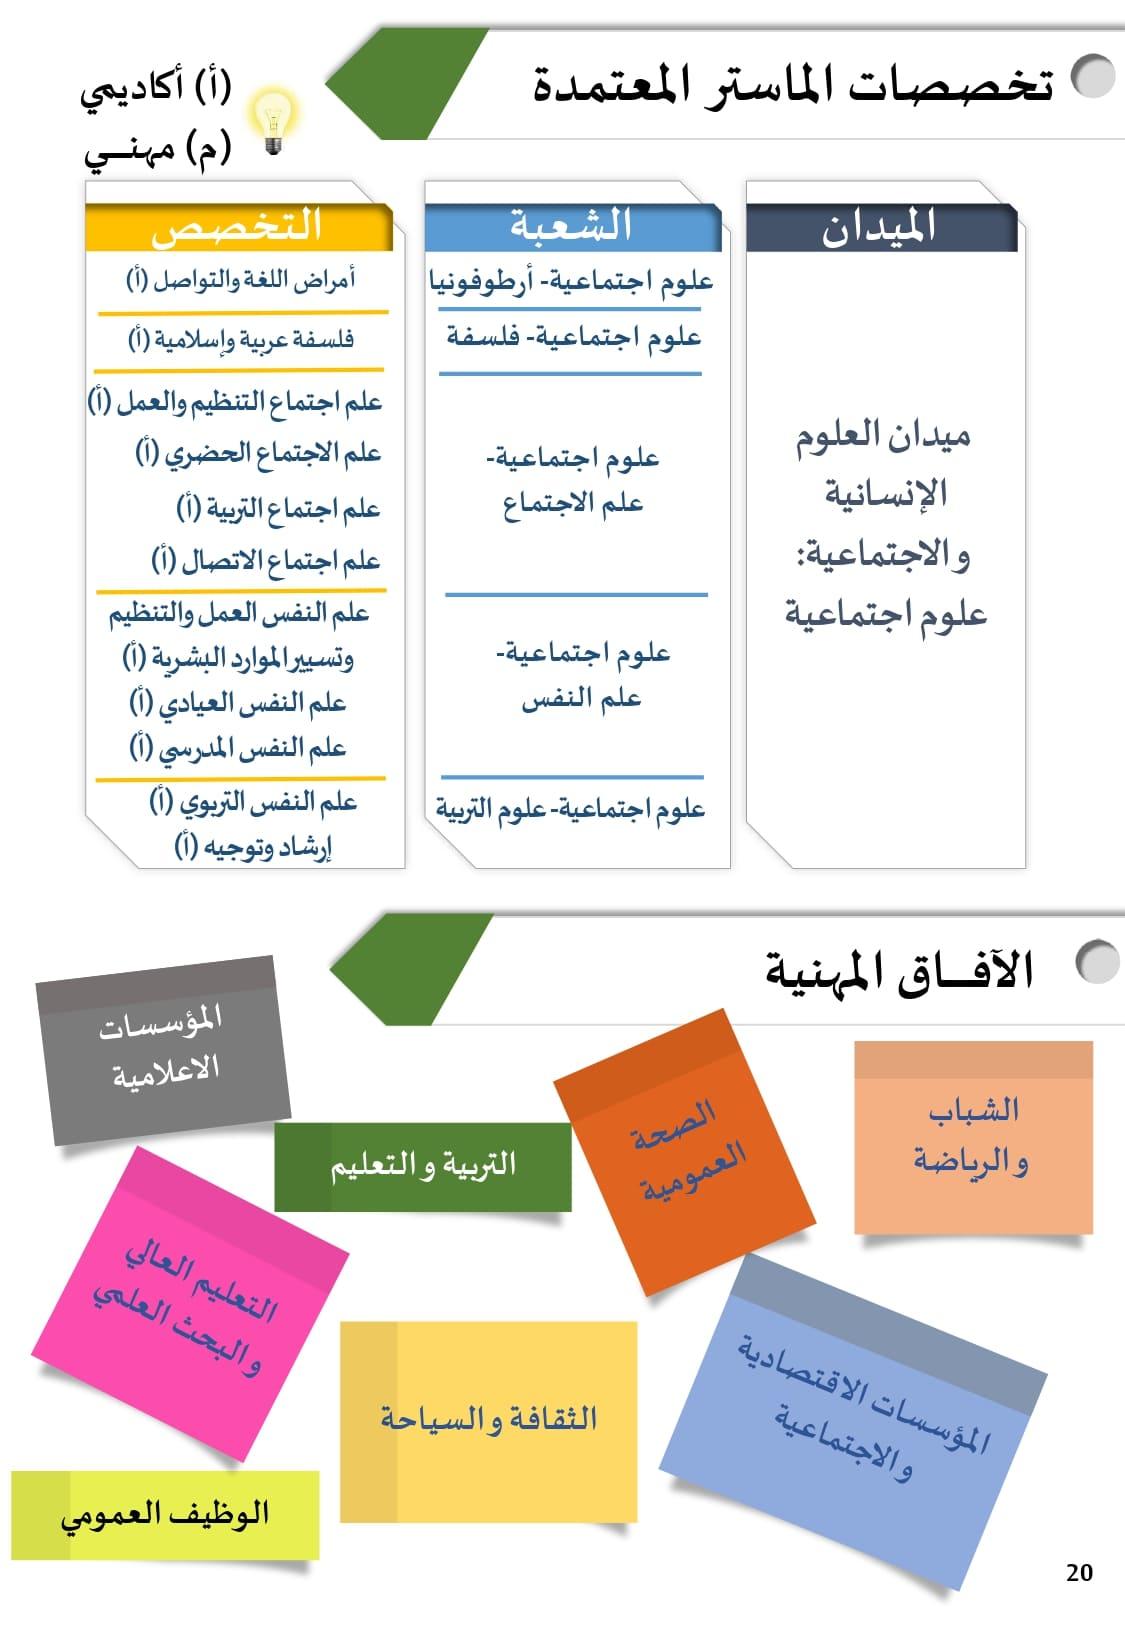 دليل الطالب 2021